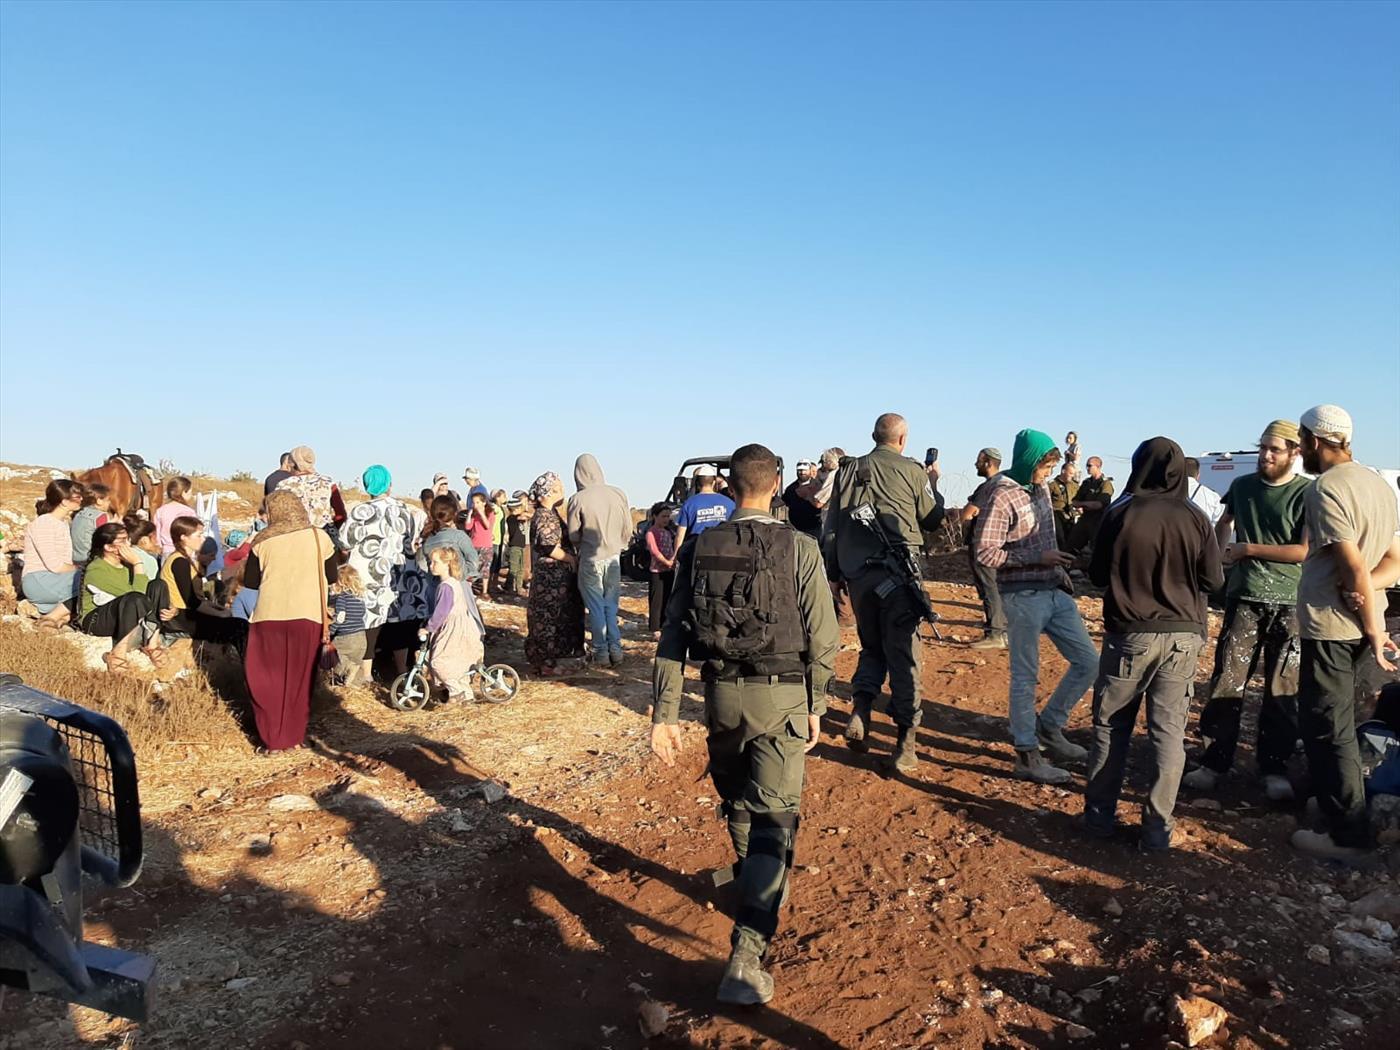 מחאת תושבים בשטח הבנייה  (צילום: גאולת ציון בחזון ובמעש)